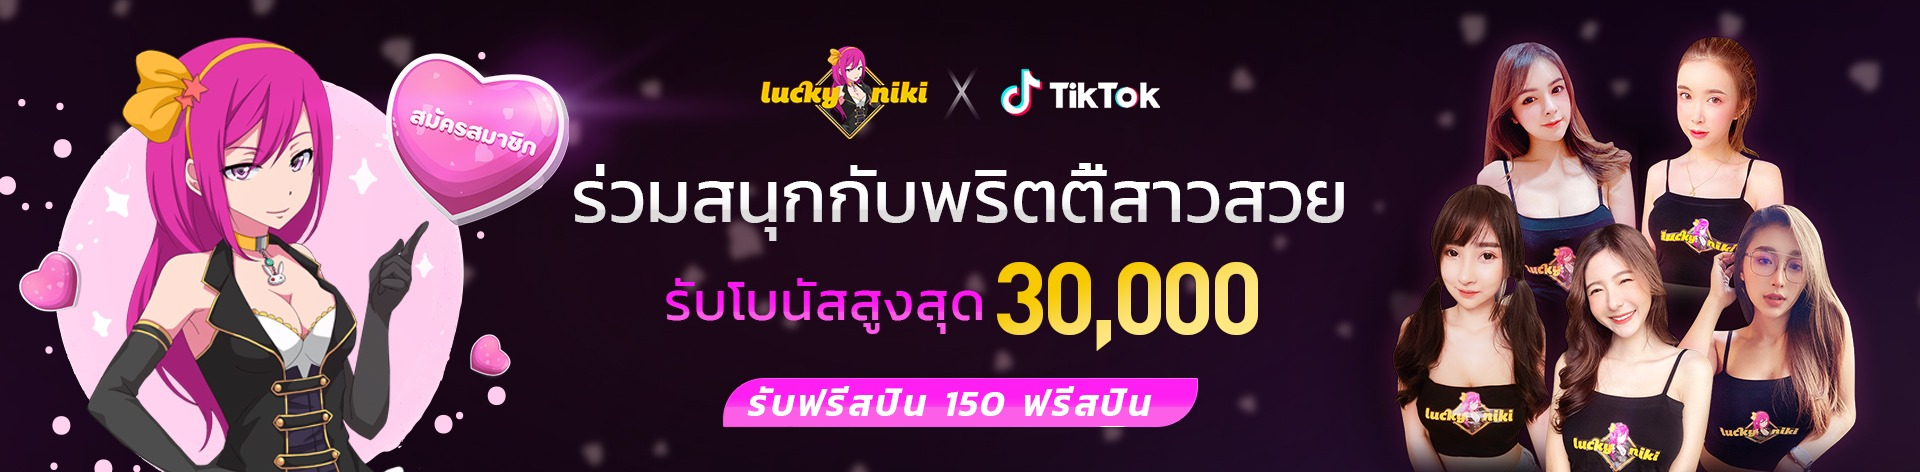 ร่วมสนุกกับพริตตี้สาวสวย ลุ้นรับโบนัสฟรี 30,000 LuckyNiki